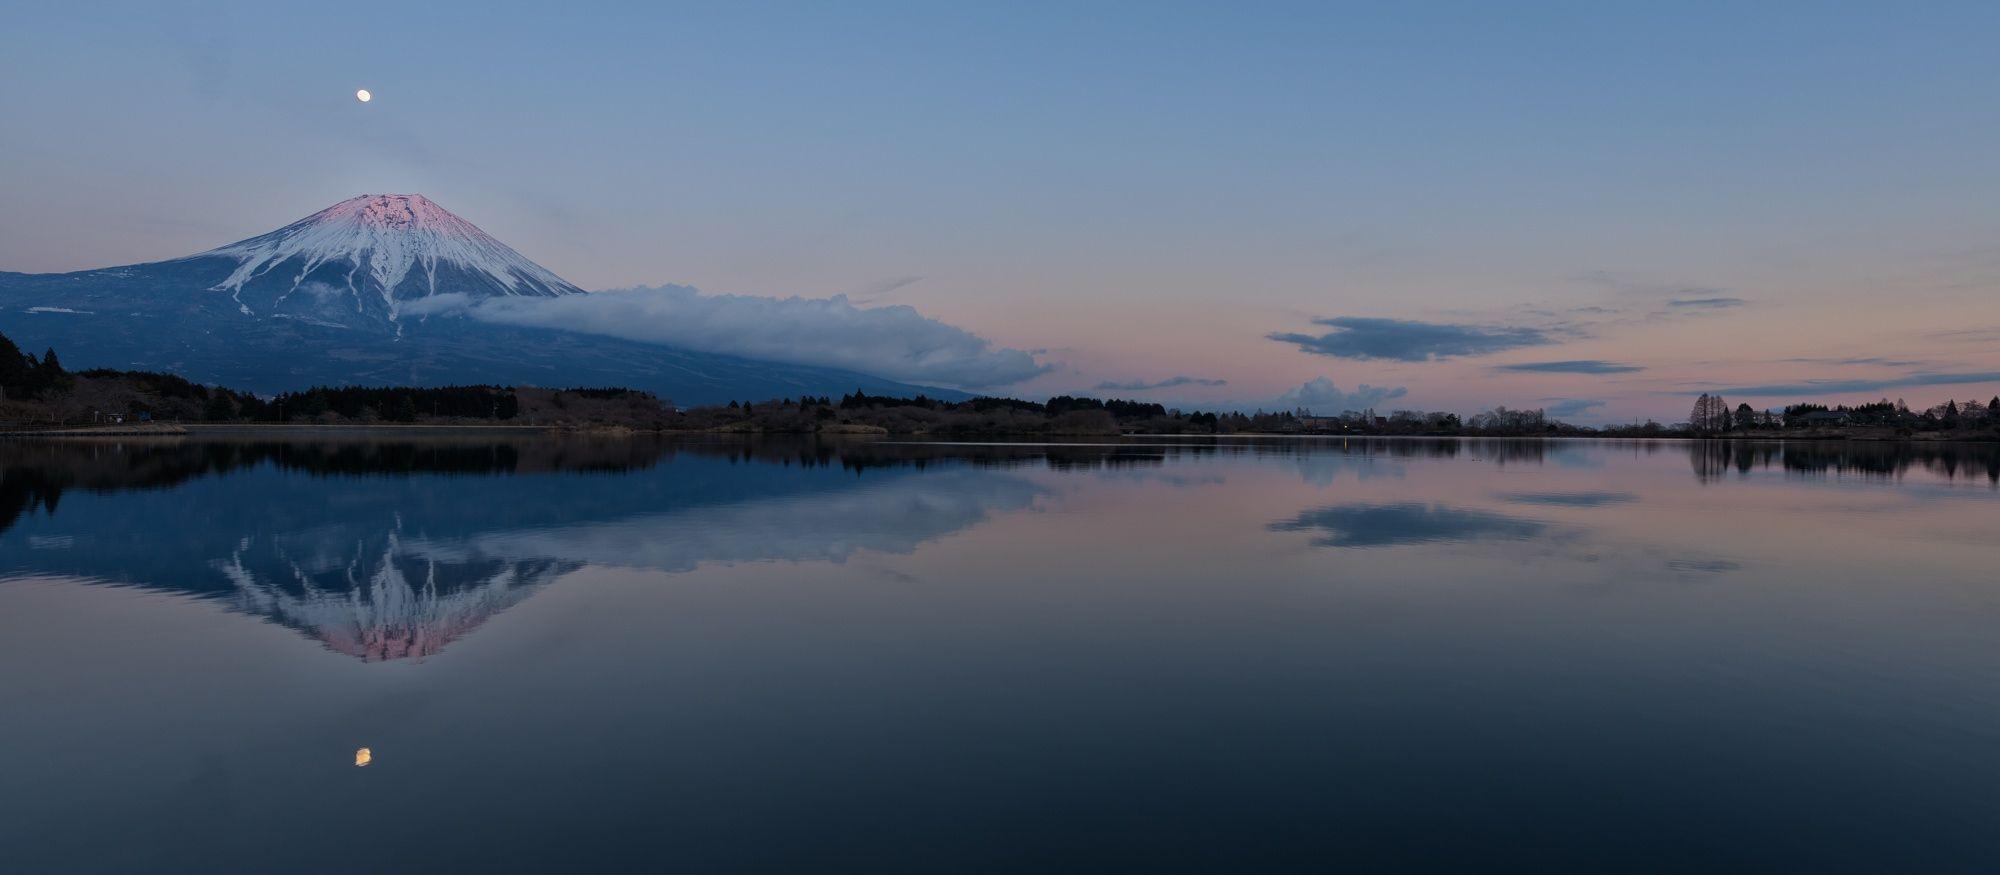 Photograph Calmness at Sunset by Yuga Kurita on 500px